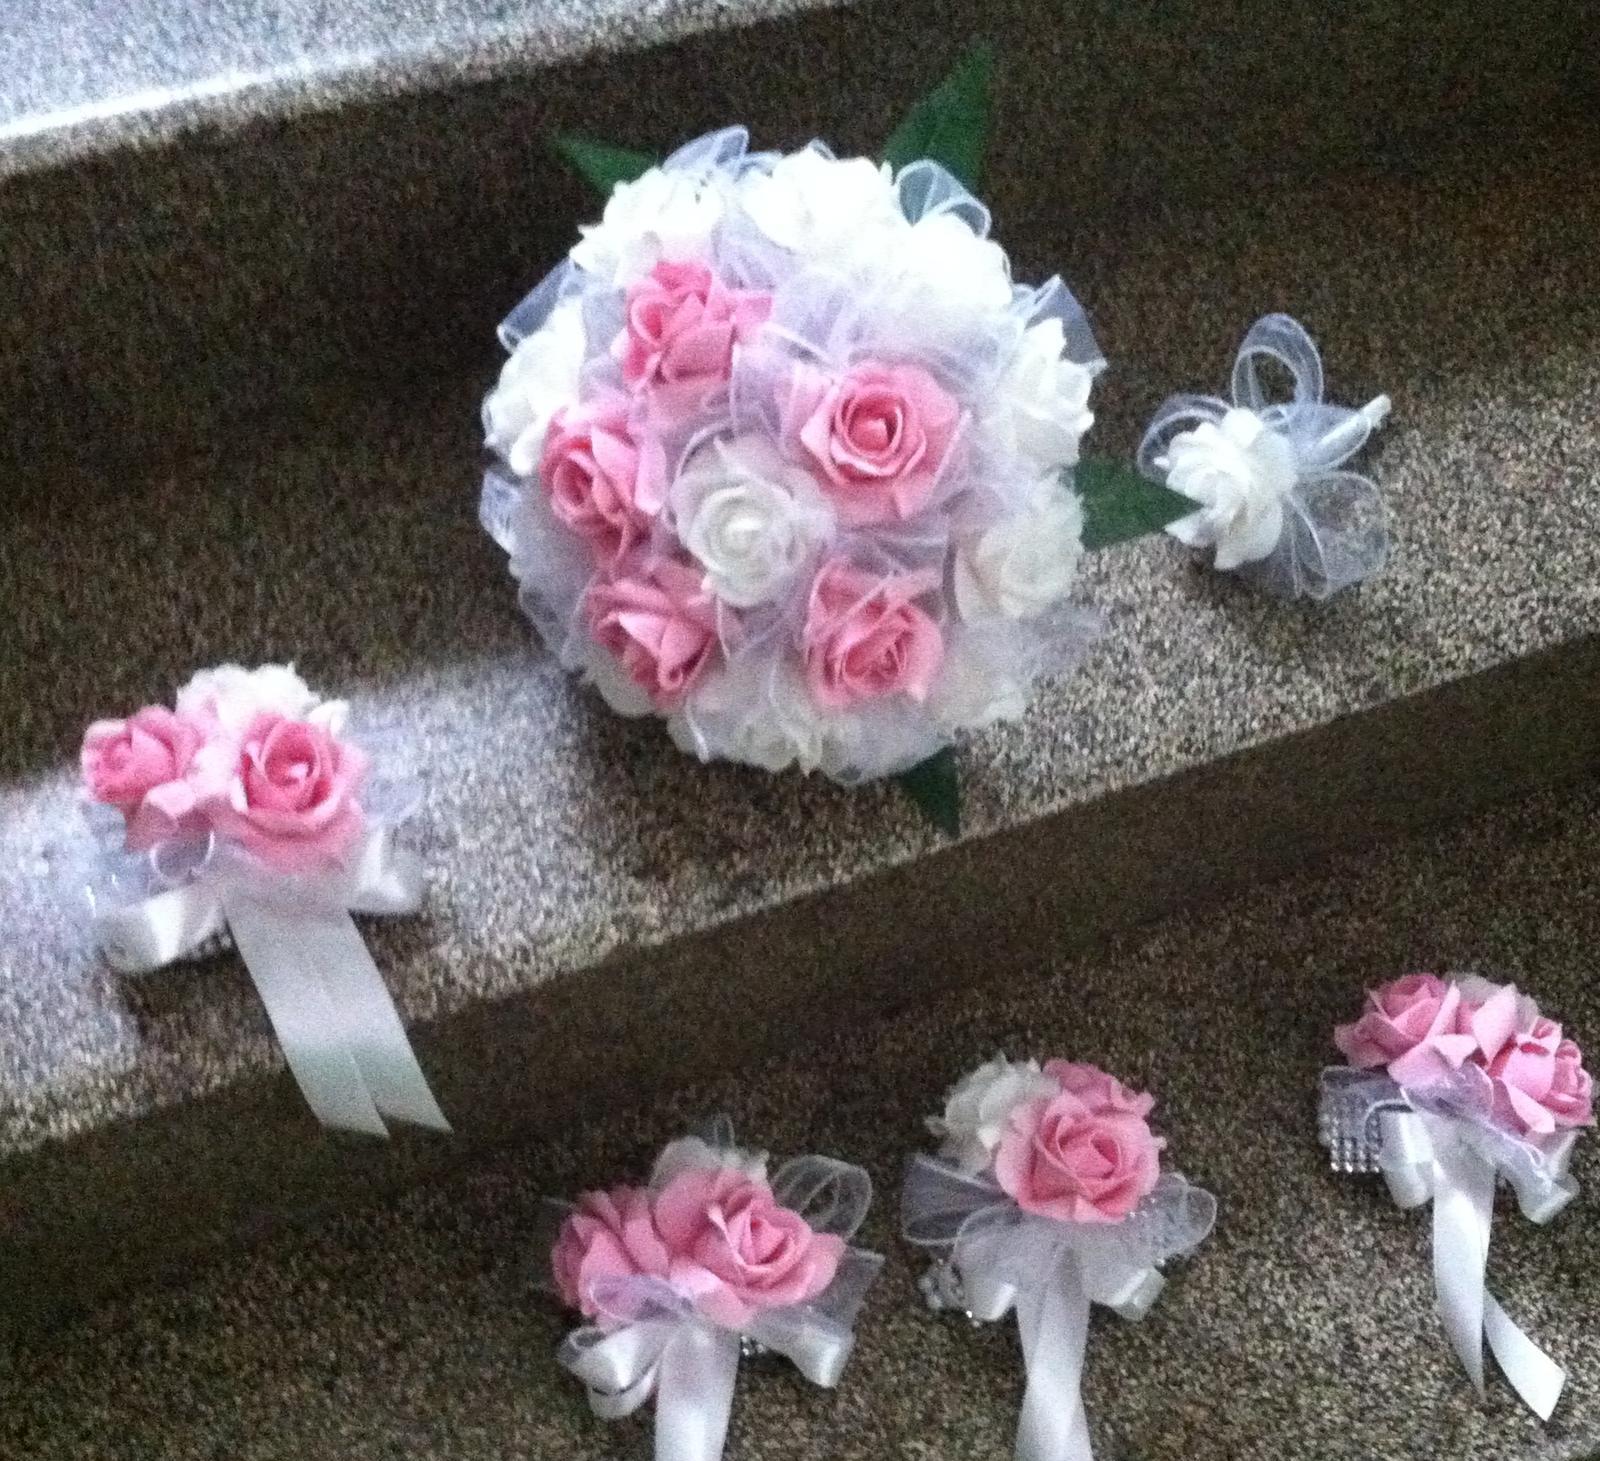 Netradiční svatební kytice - pěnové růžičky + polštářky pod prstýnky, košíčky - Obrázek č. 83